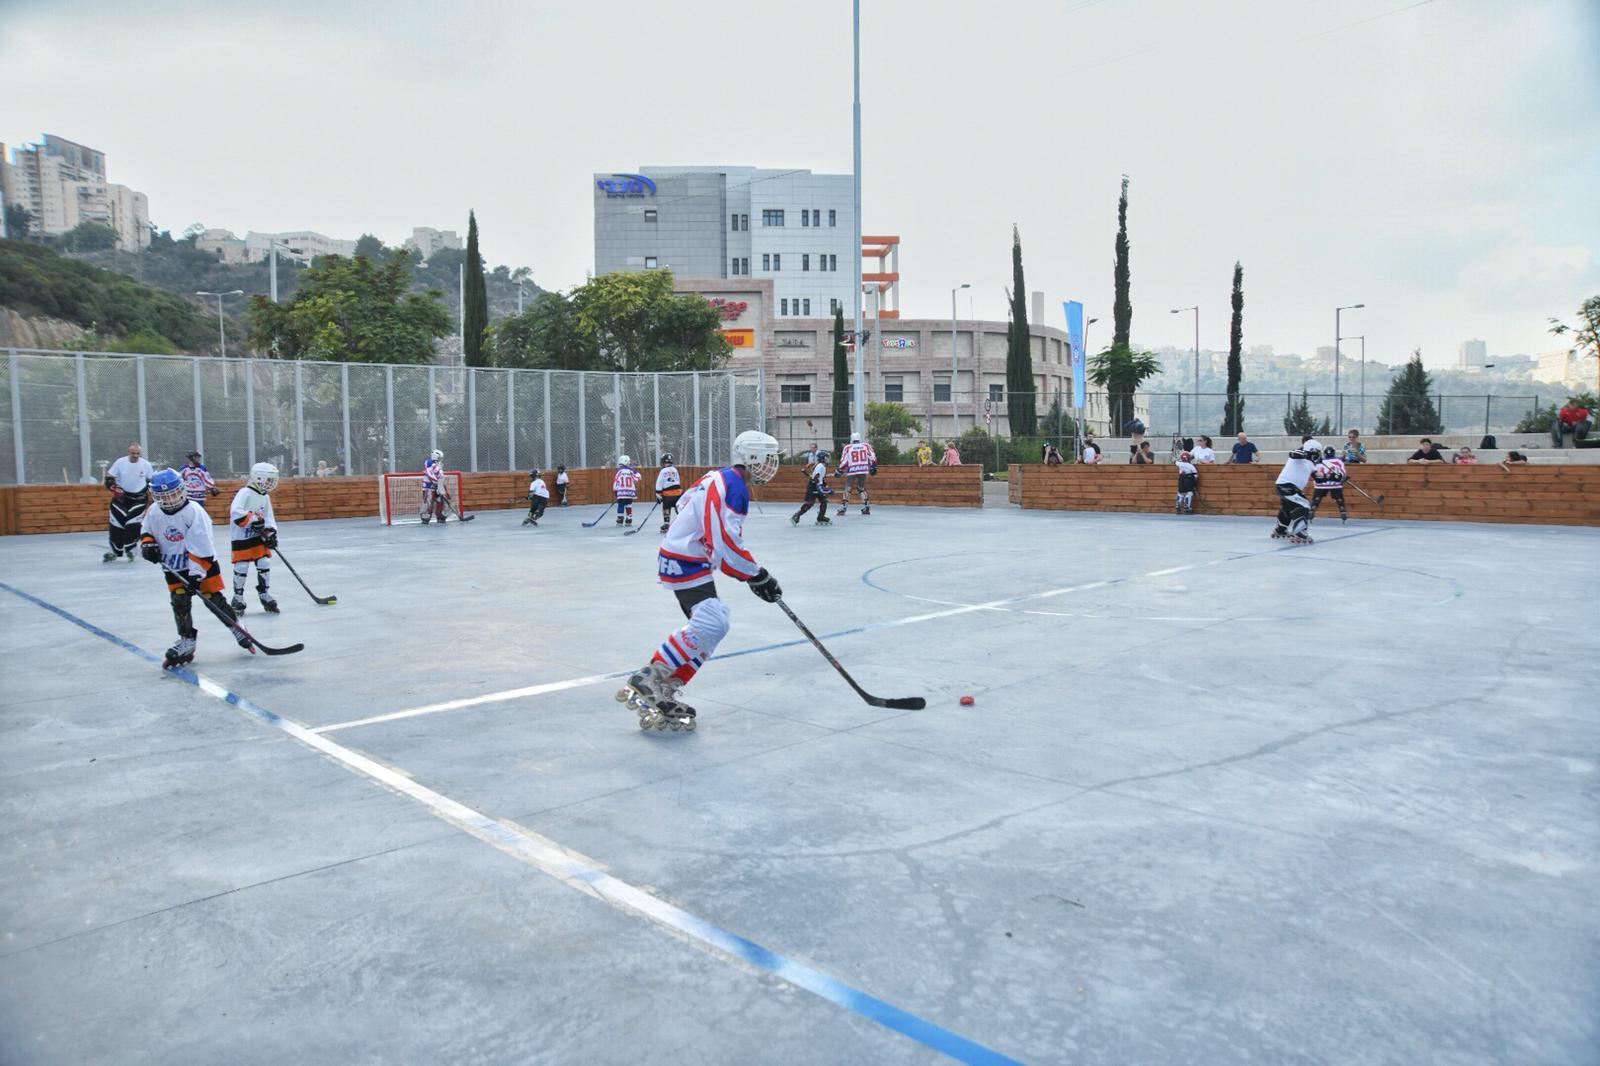 מגרש הוקי רולר - אינליין בחיפה